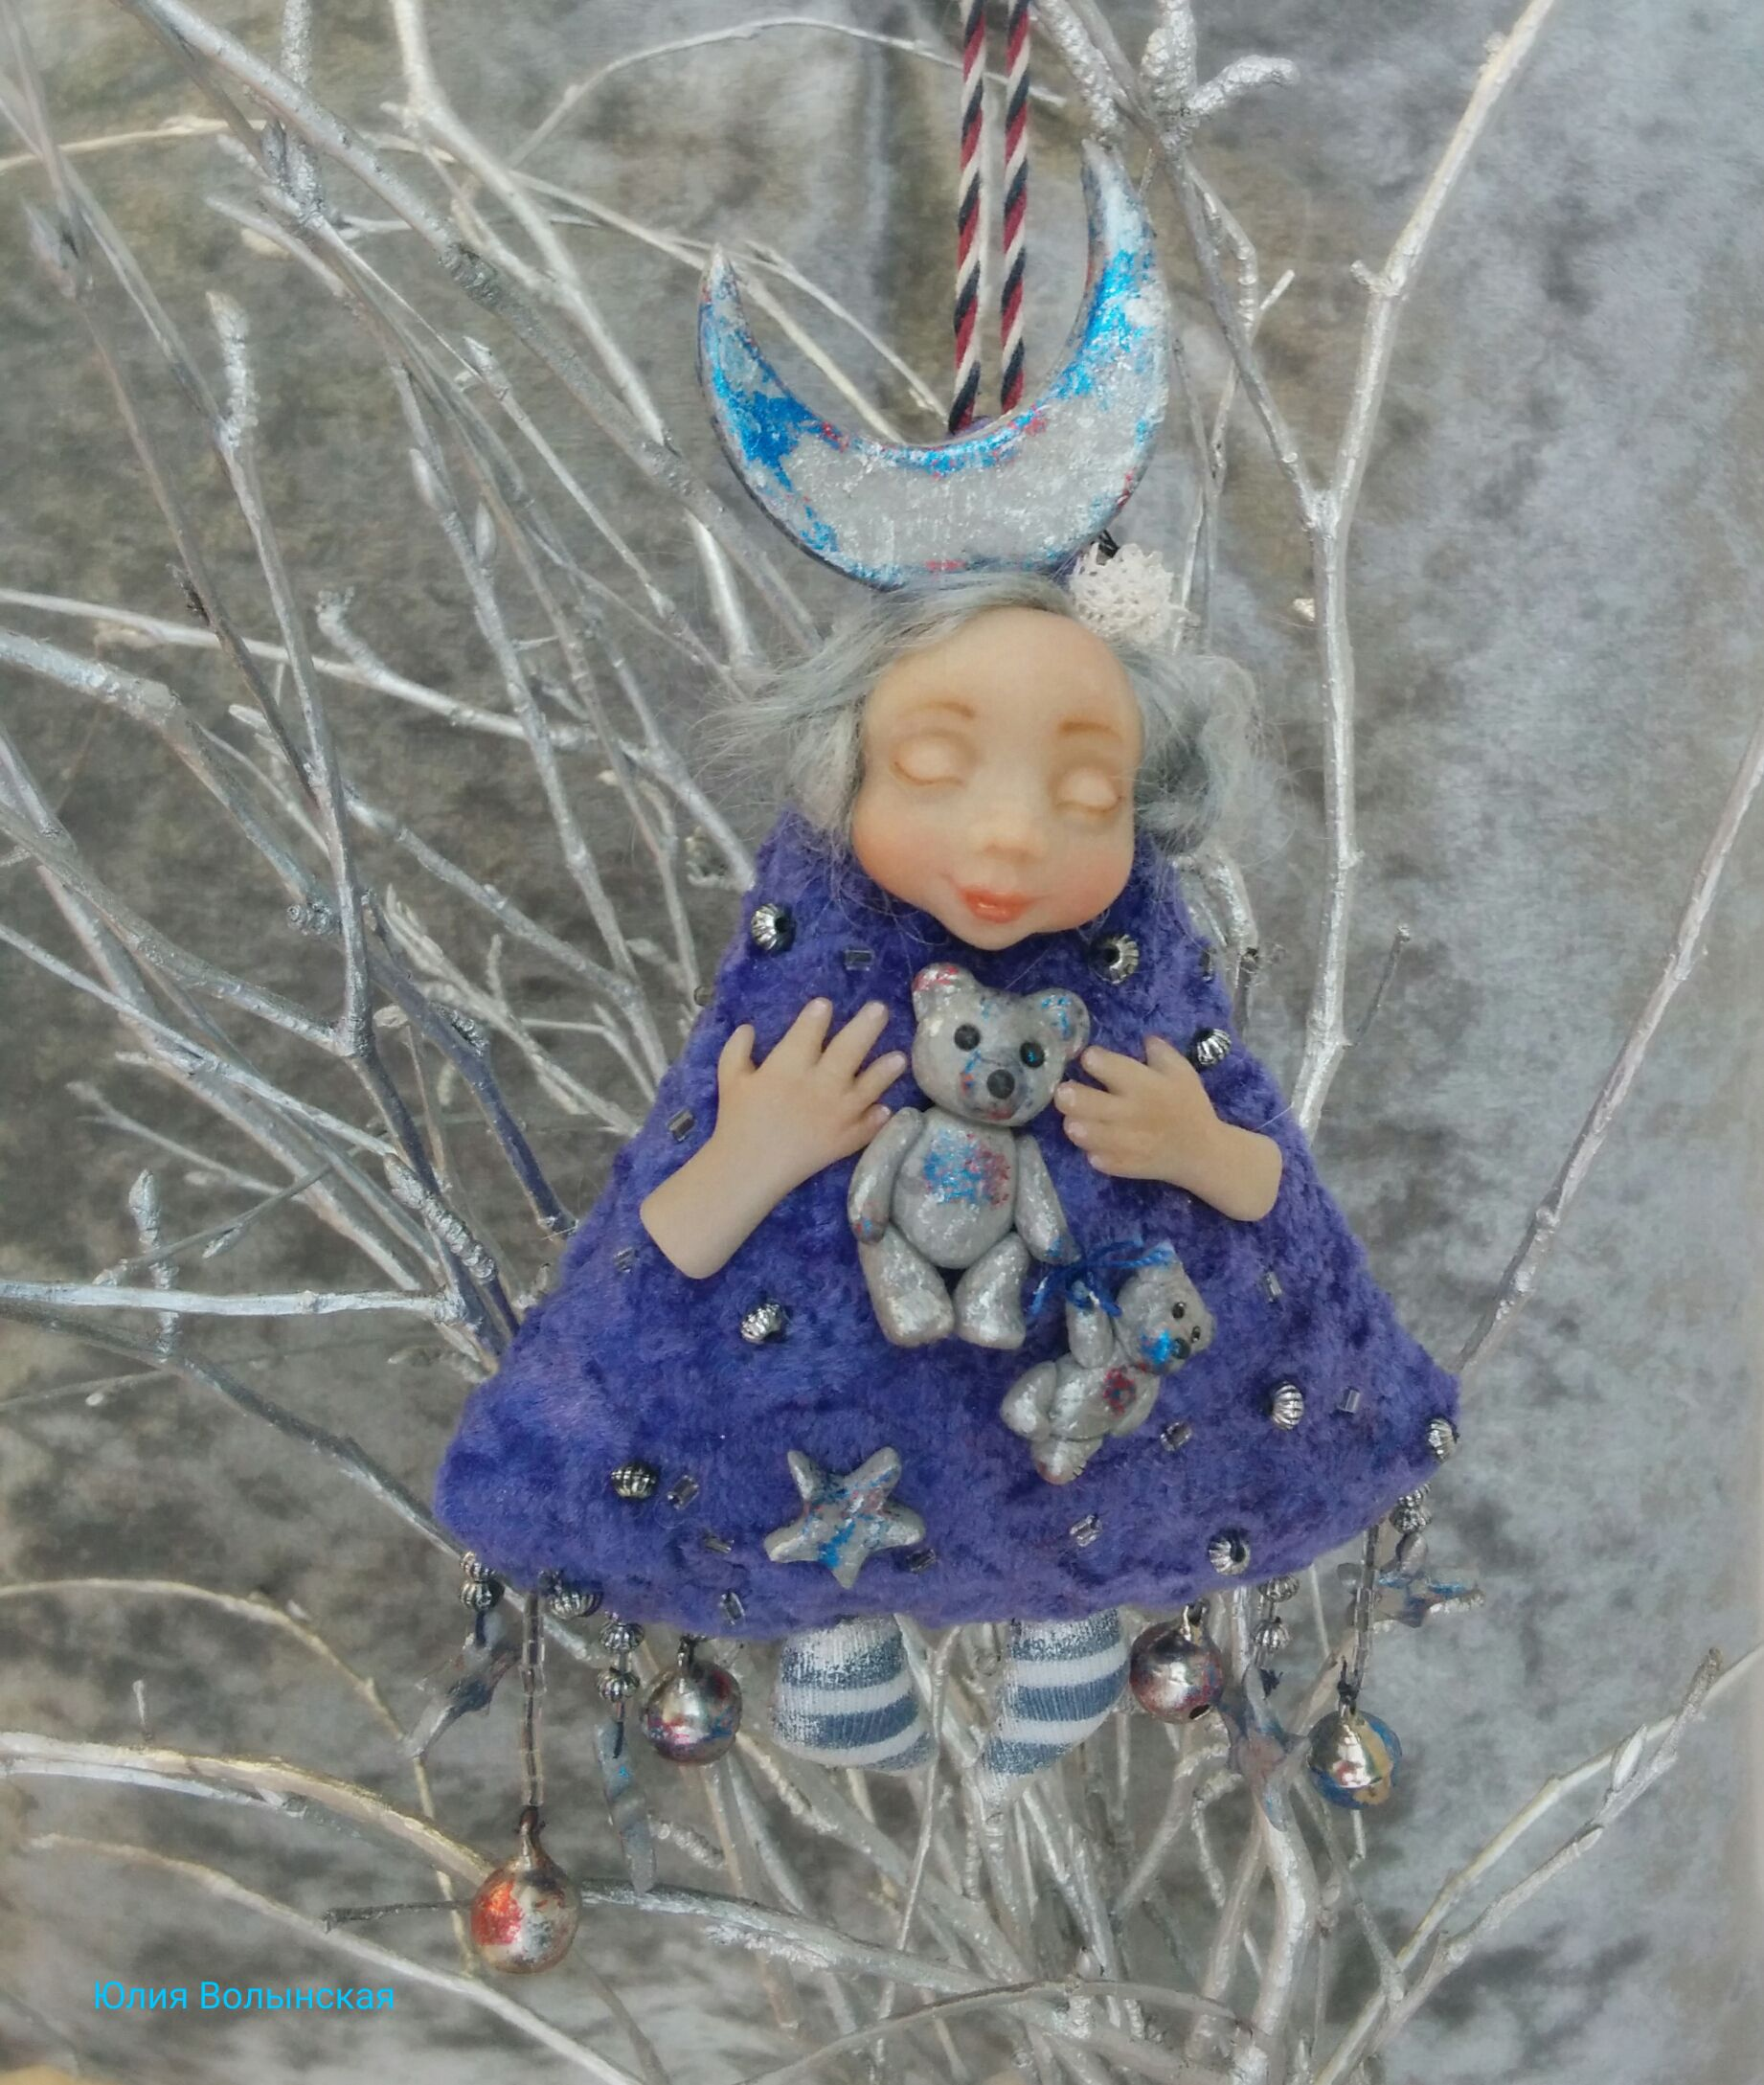 кукланазаказ теддидол звездопад авторскаяработа куклыюлииволынской оригинальныйподарок кукла куклы куколка тедди роскошь ручнаяработа эксклюзив подарок